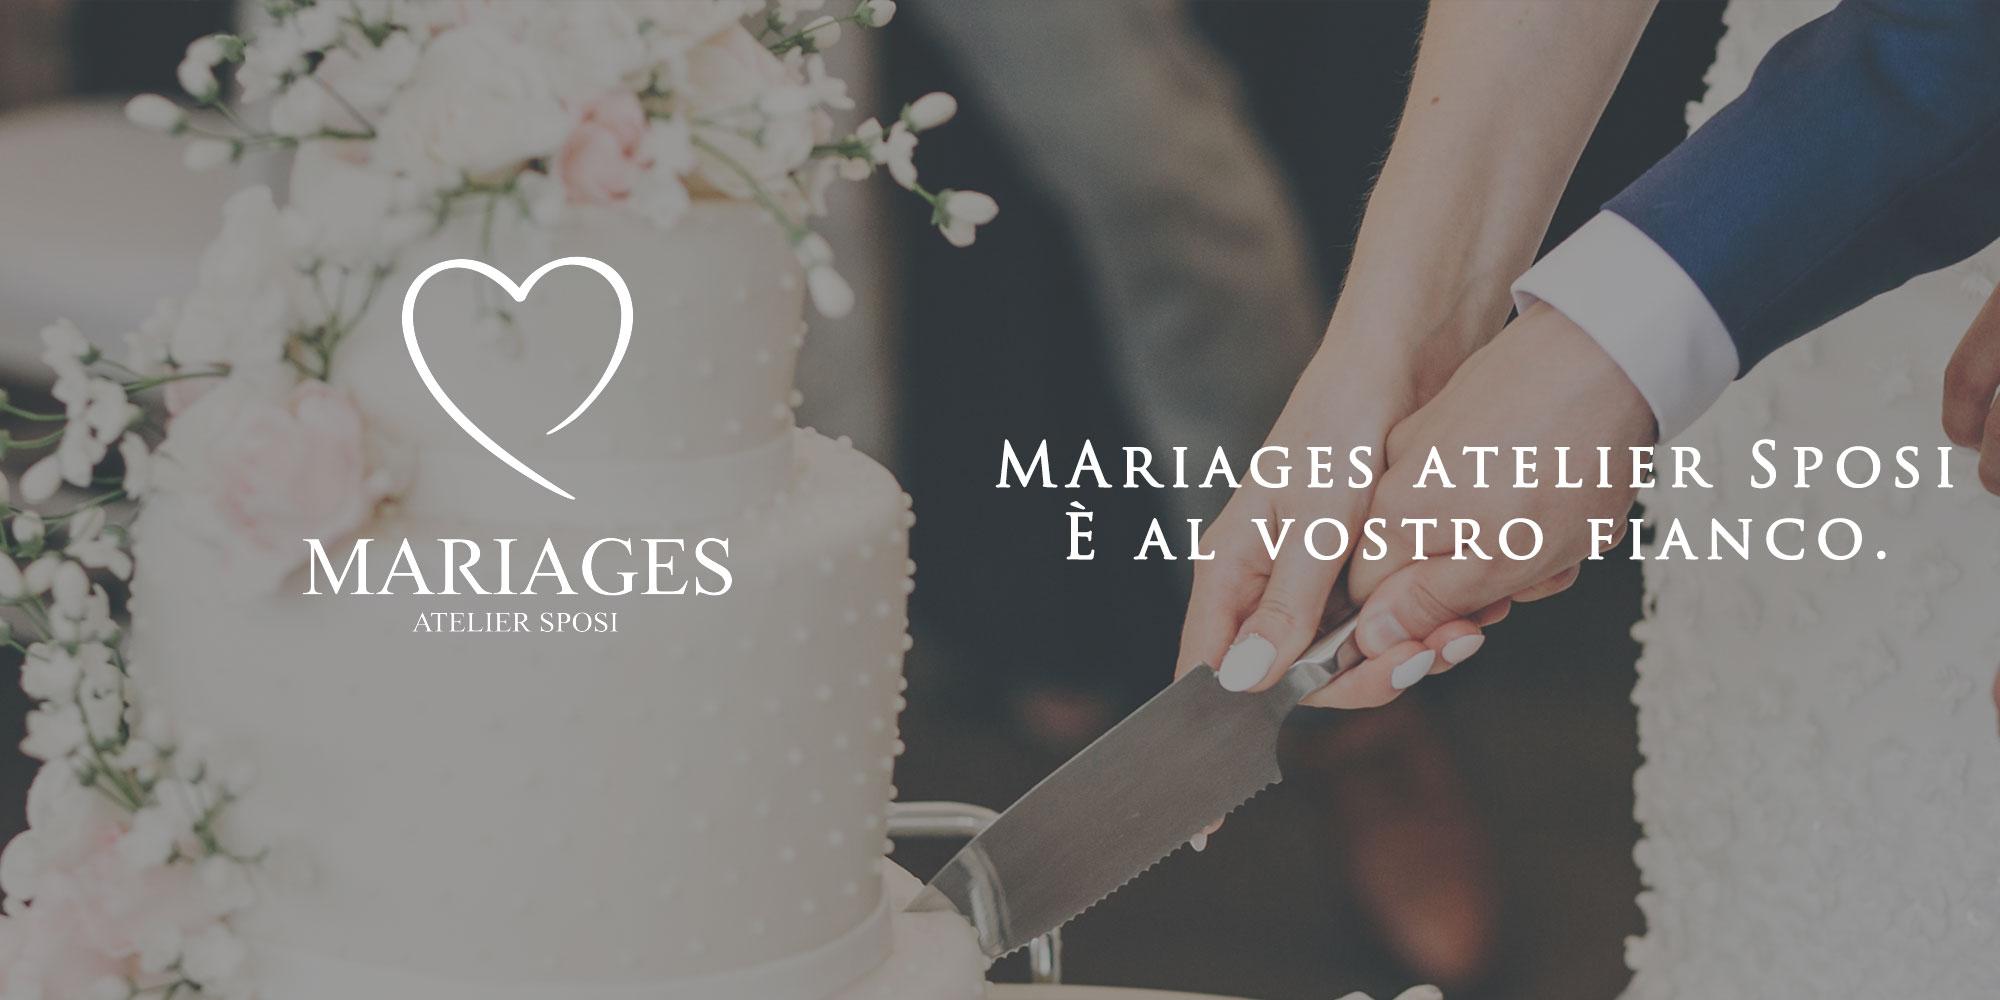 Mariages Atelier Sposi è al vostro fianco